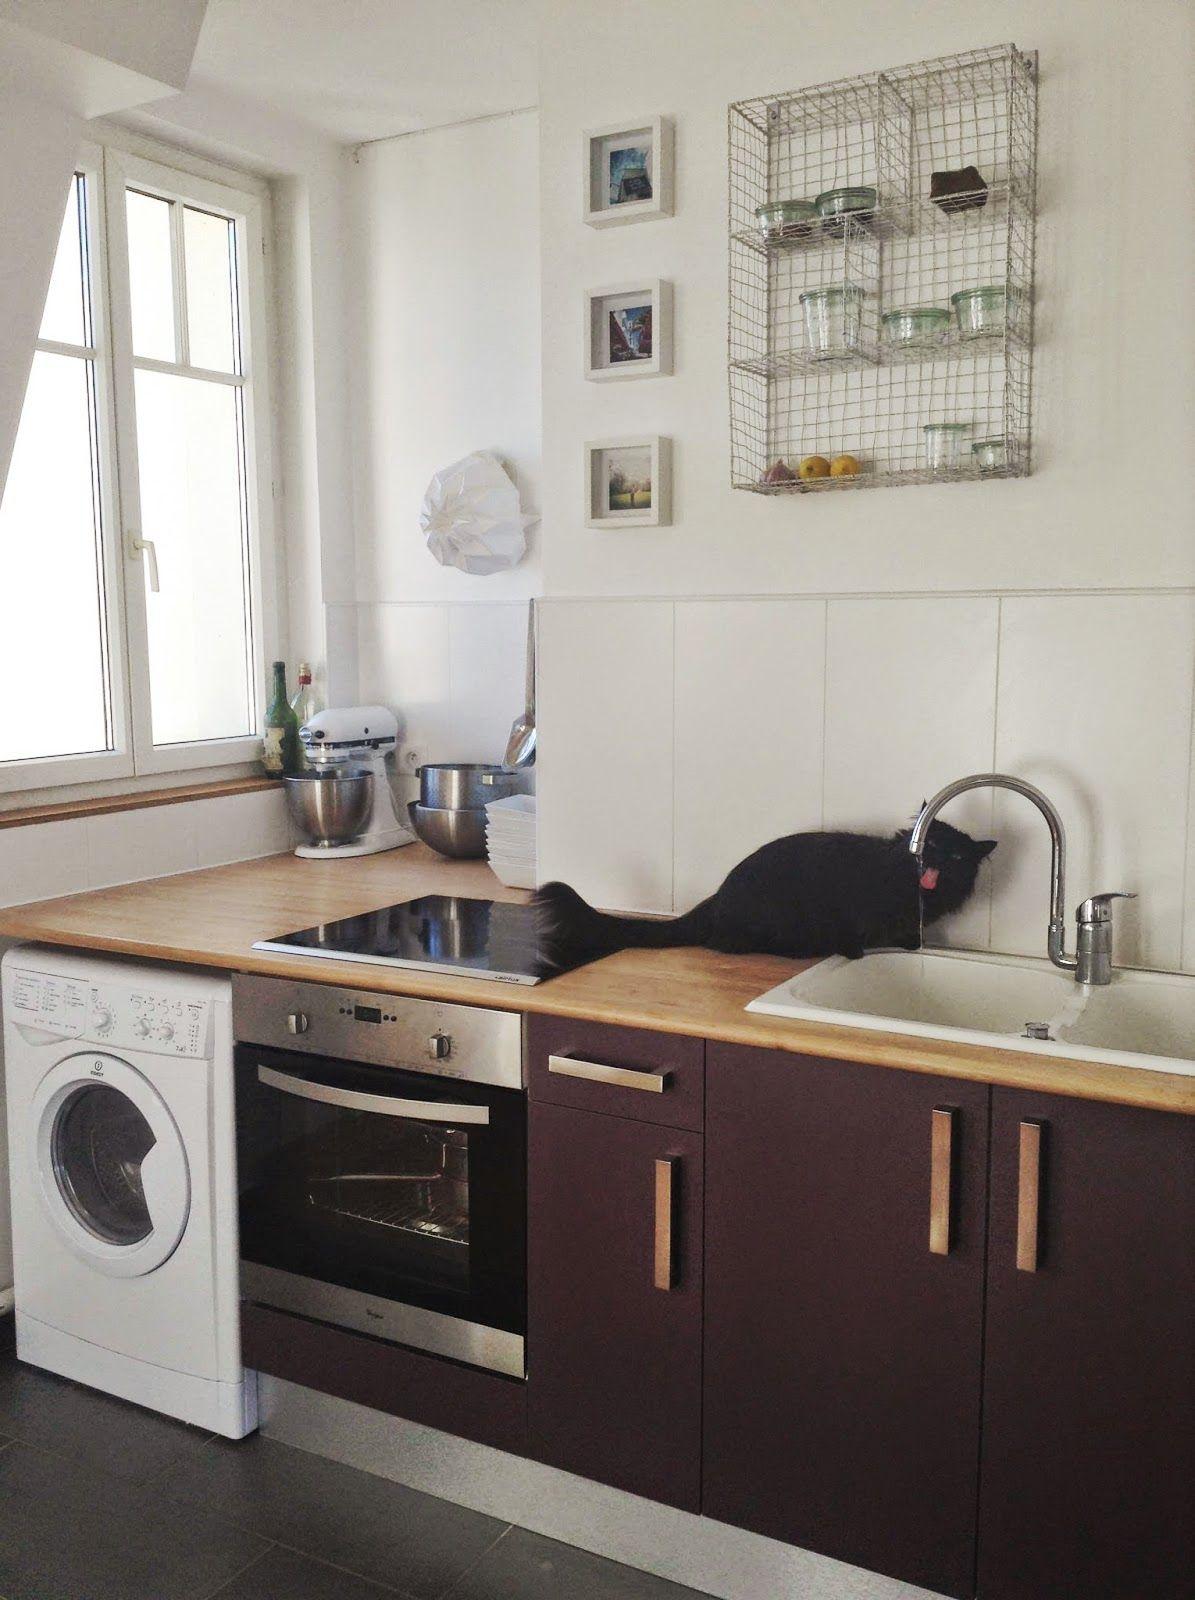 Kitchens Maria: customer reviews. Kitchen Studio Maria: addresses 25